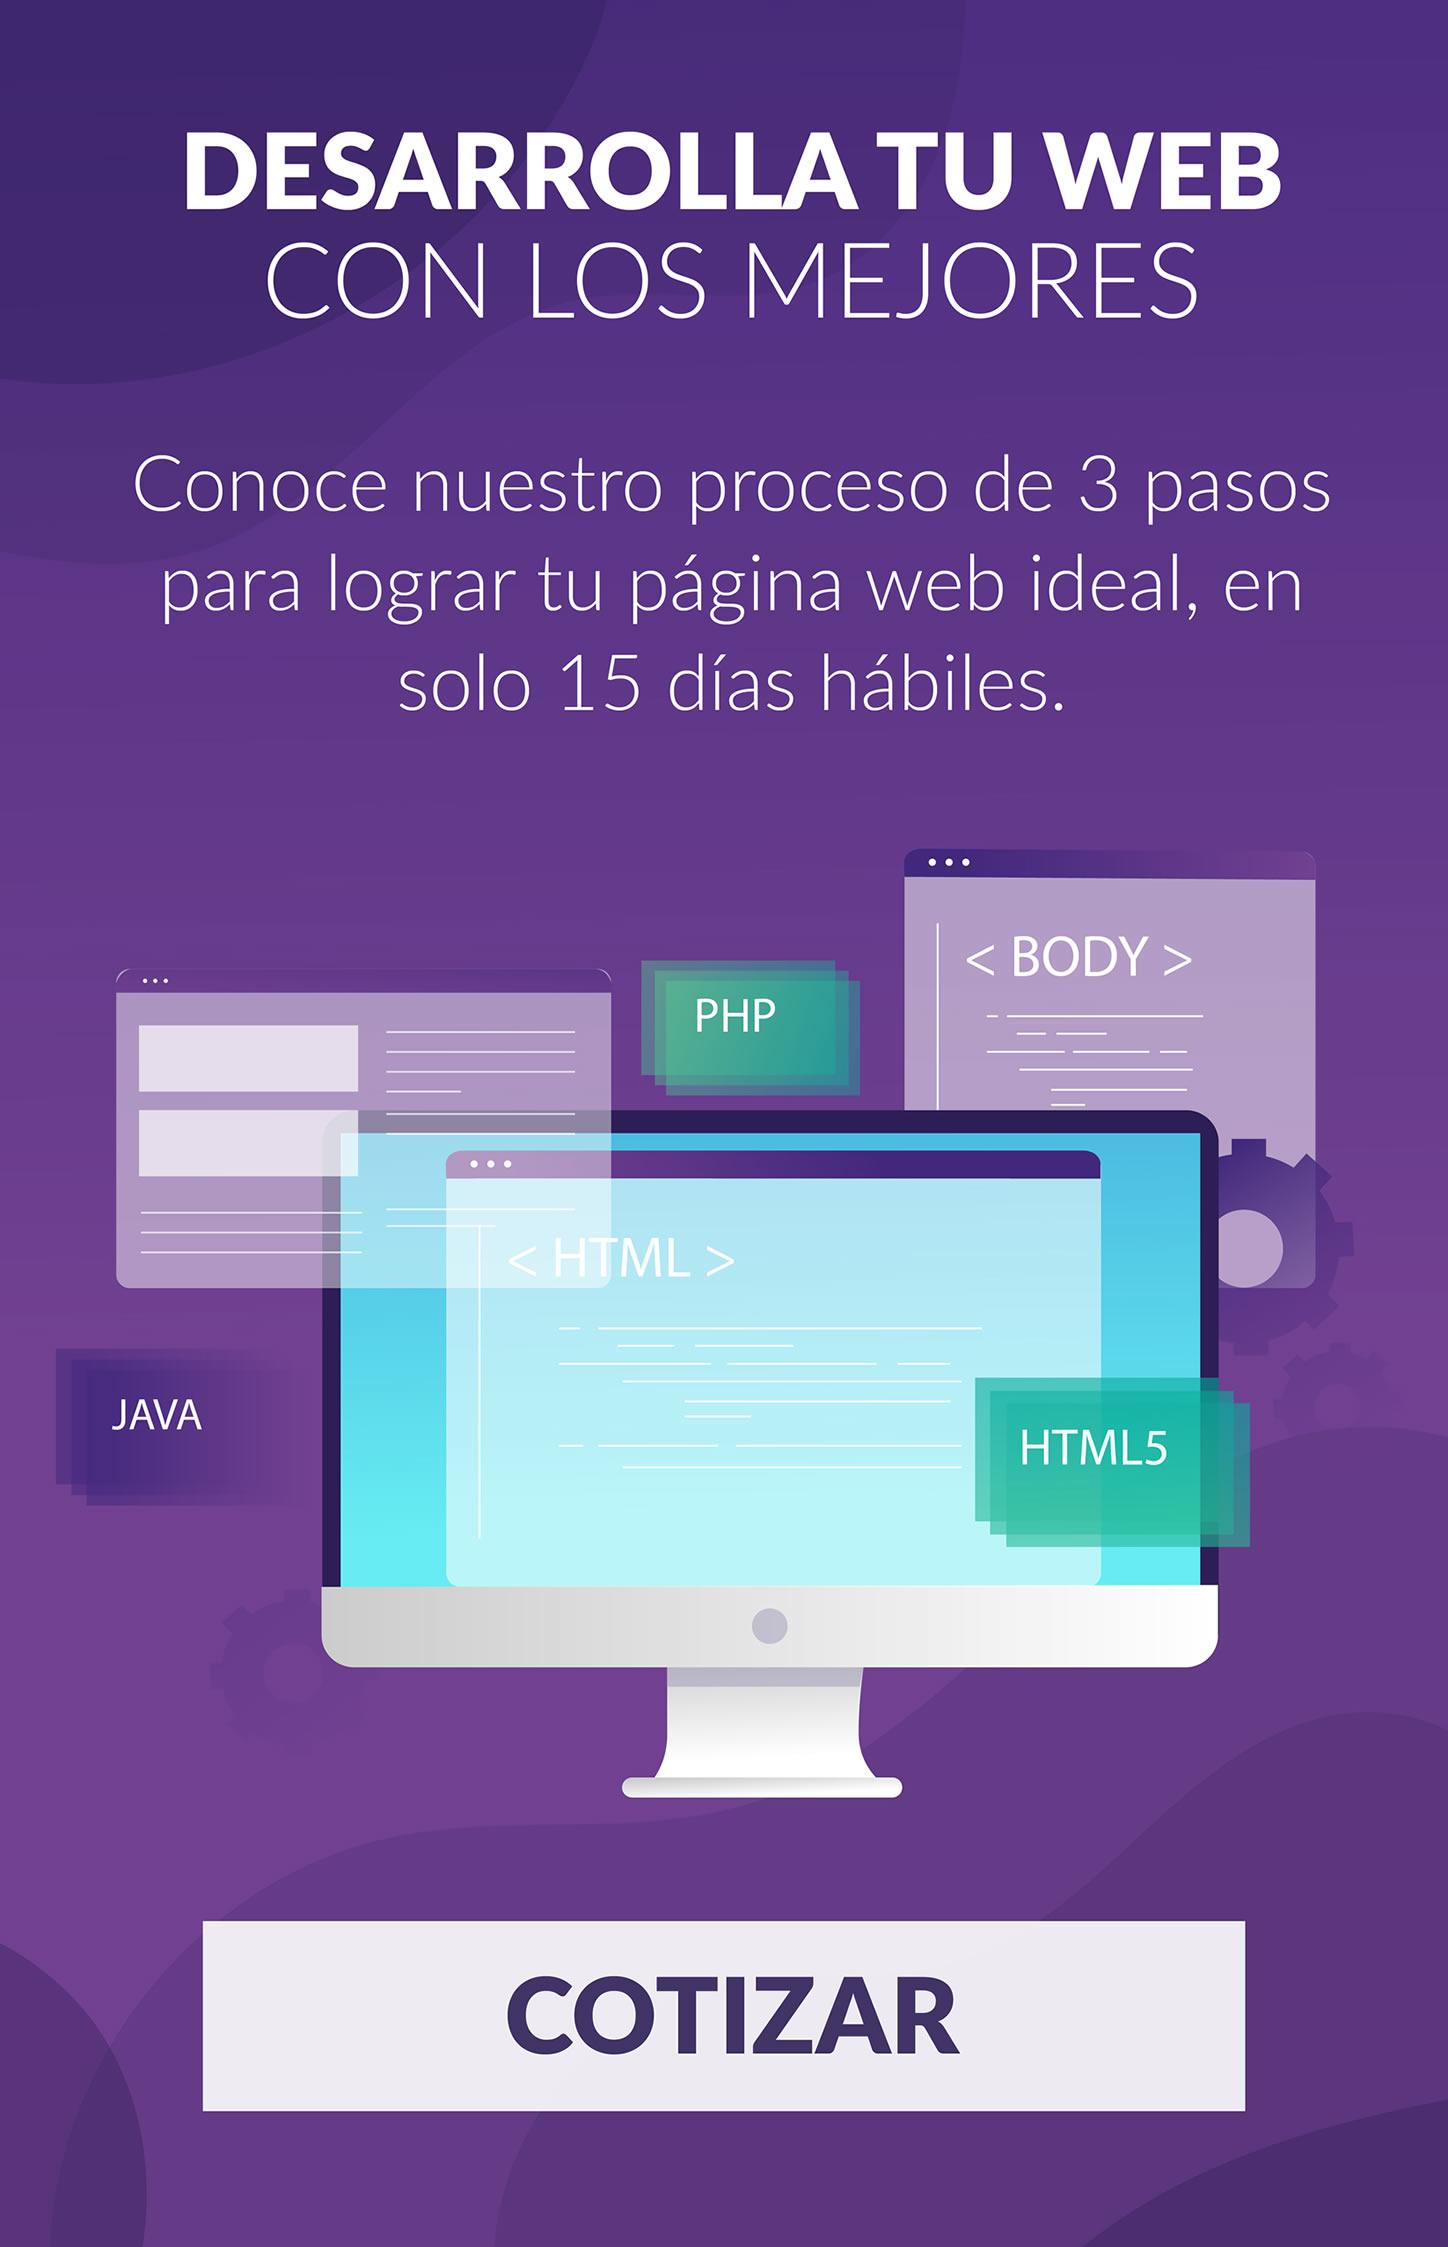 Cotizar una página web responsive.